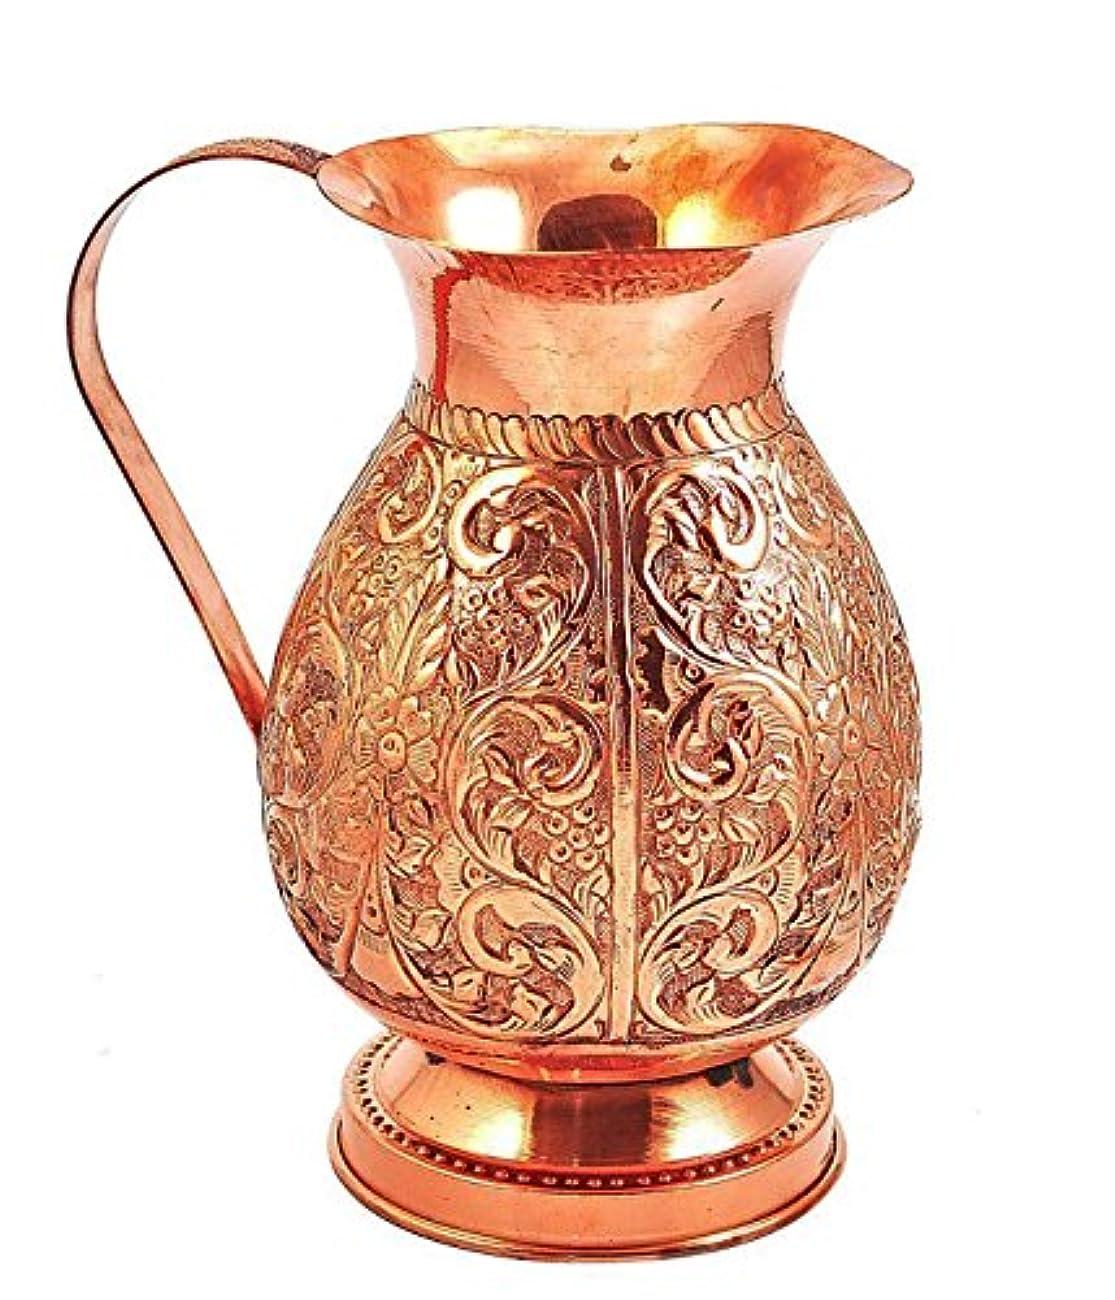 同一の外科医形成Parijat Handicraft手作りピュア銅水ピッチャーフラワーデザインエンボス容量67流体オンス約